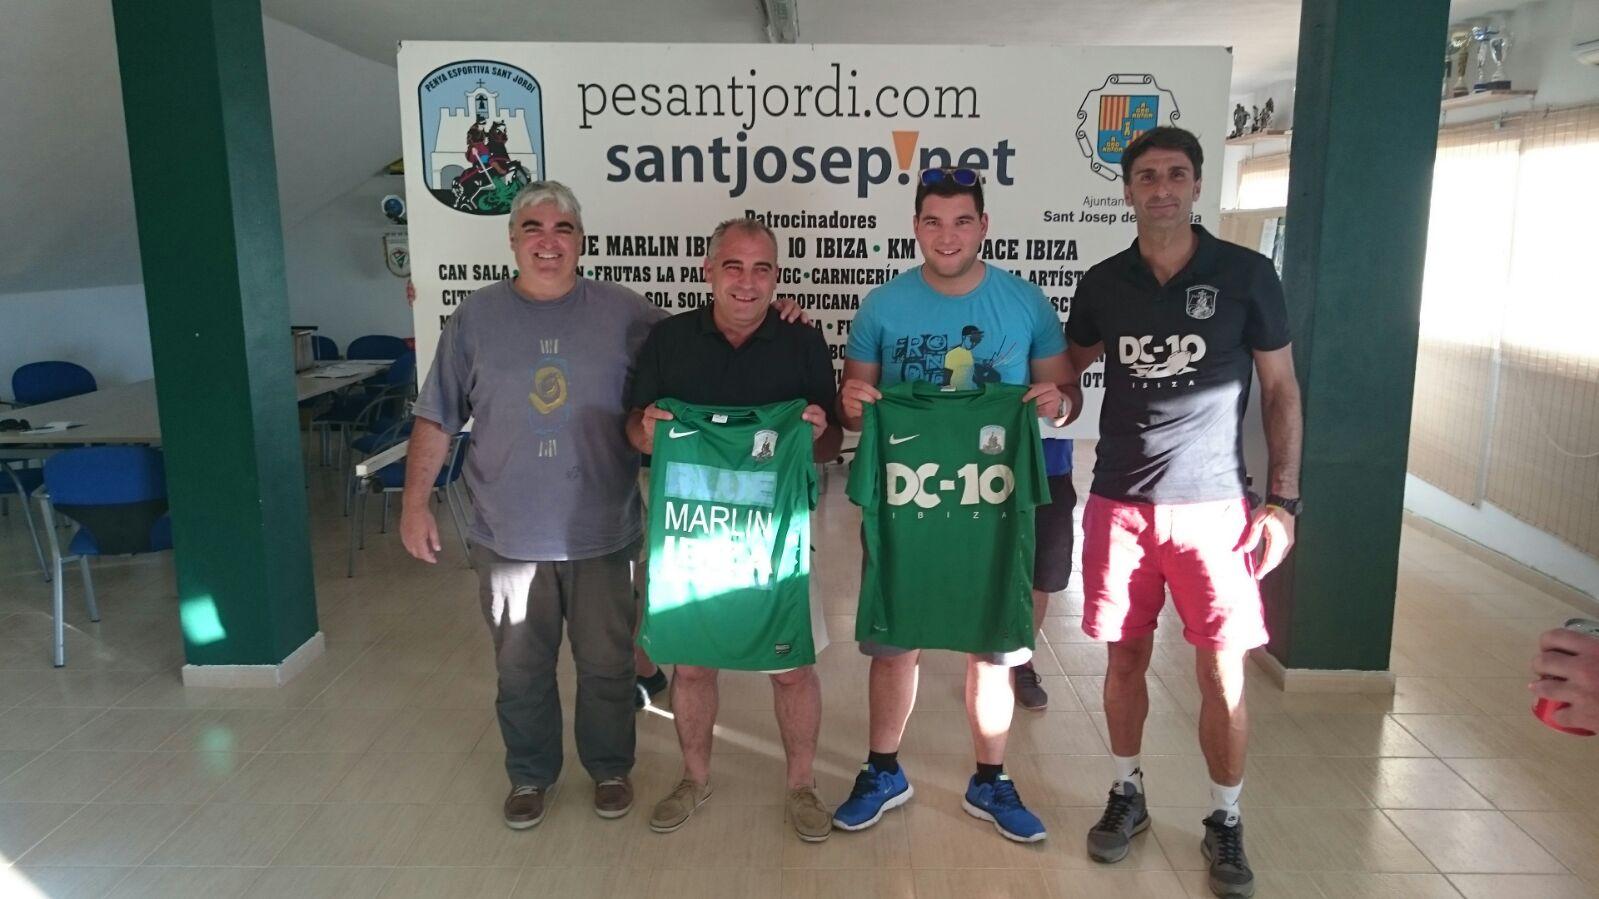 PE Sant Jordi - Tete Páez nuevo entrenador del equipo Regional